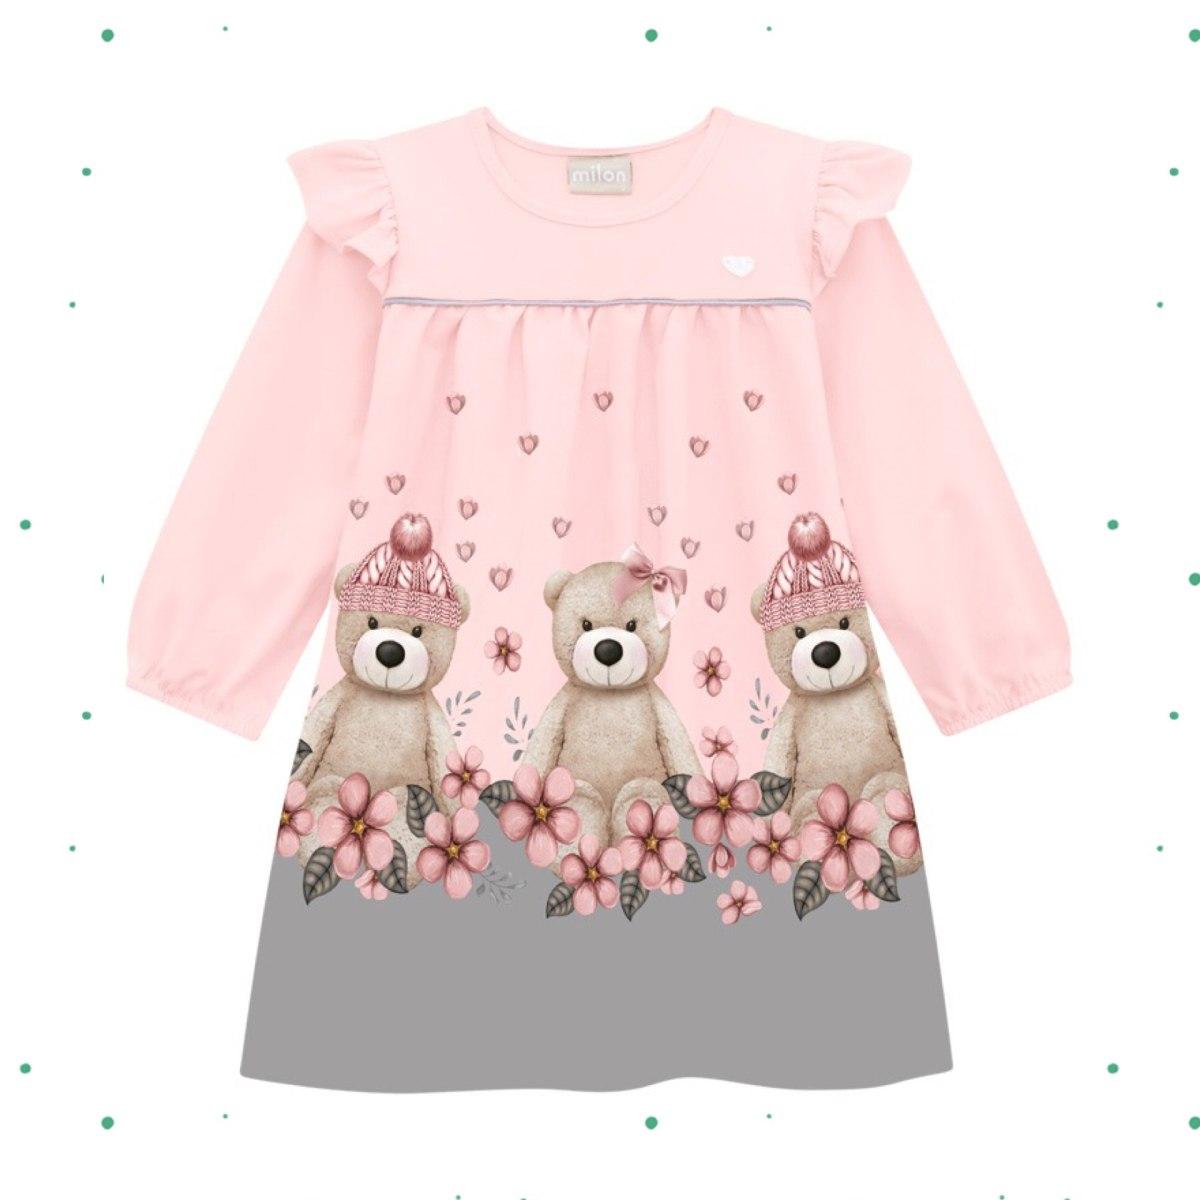 Vestido Infantil Milon Manga Longa Cotton e Malha Rosa